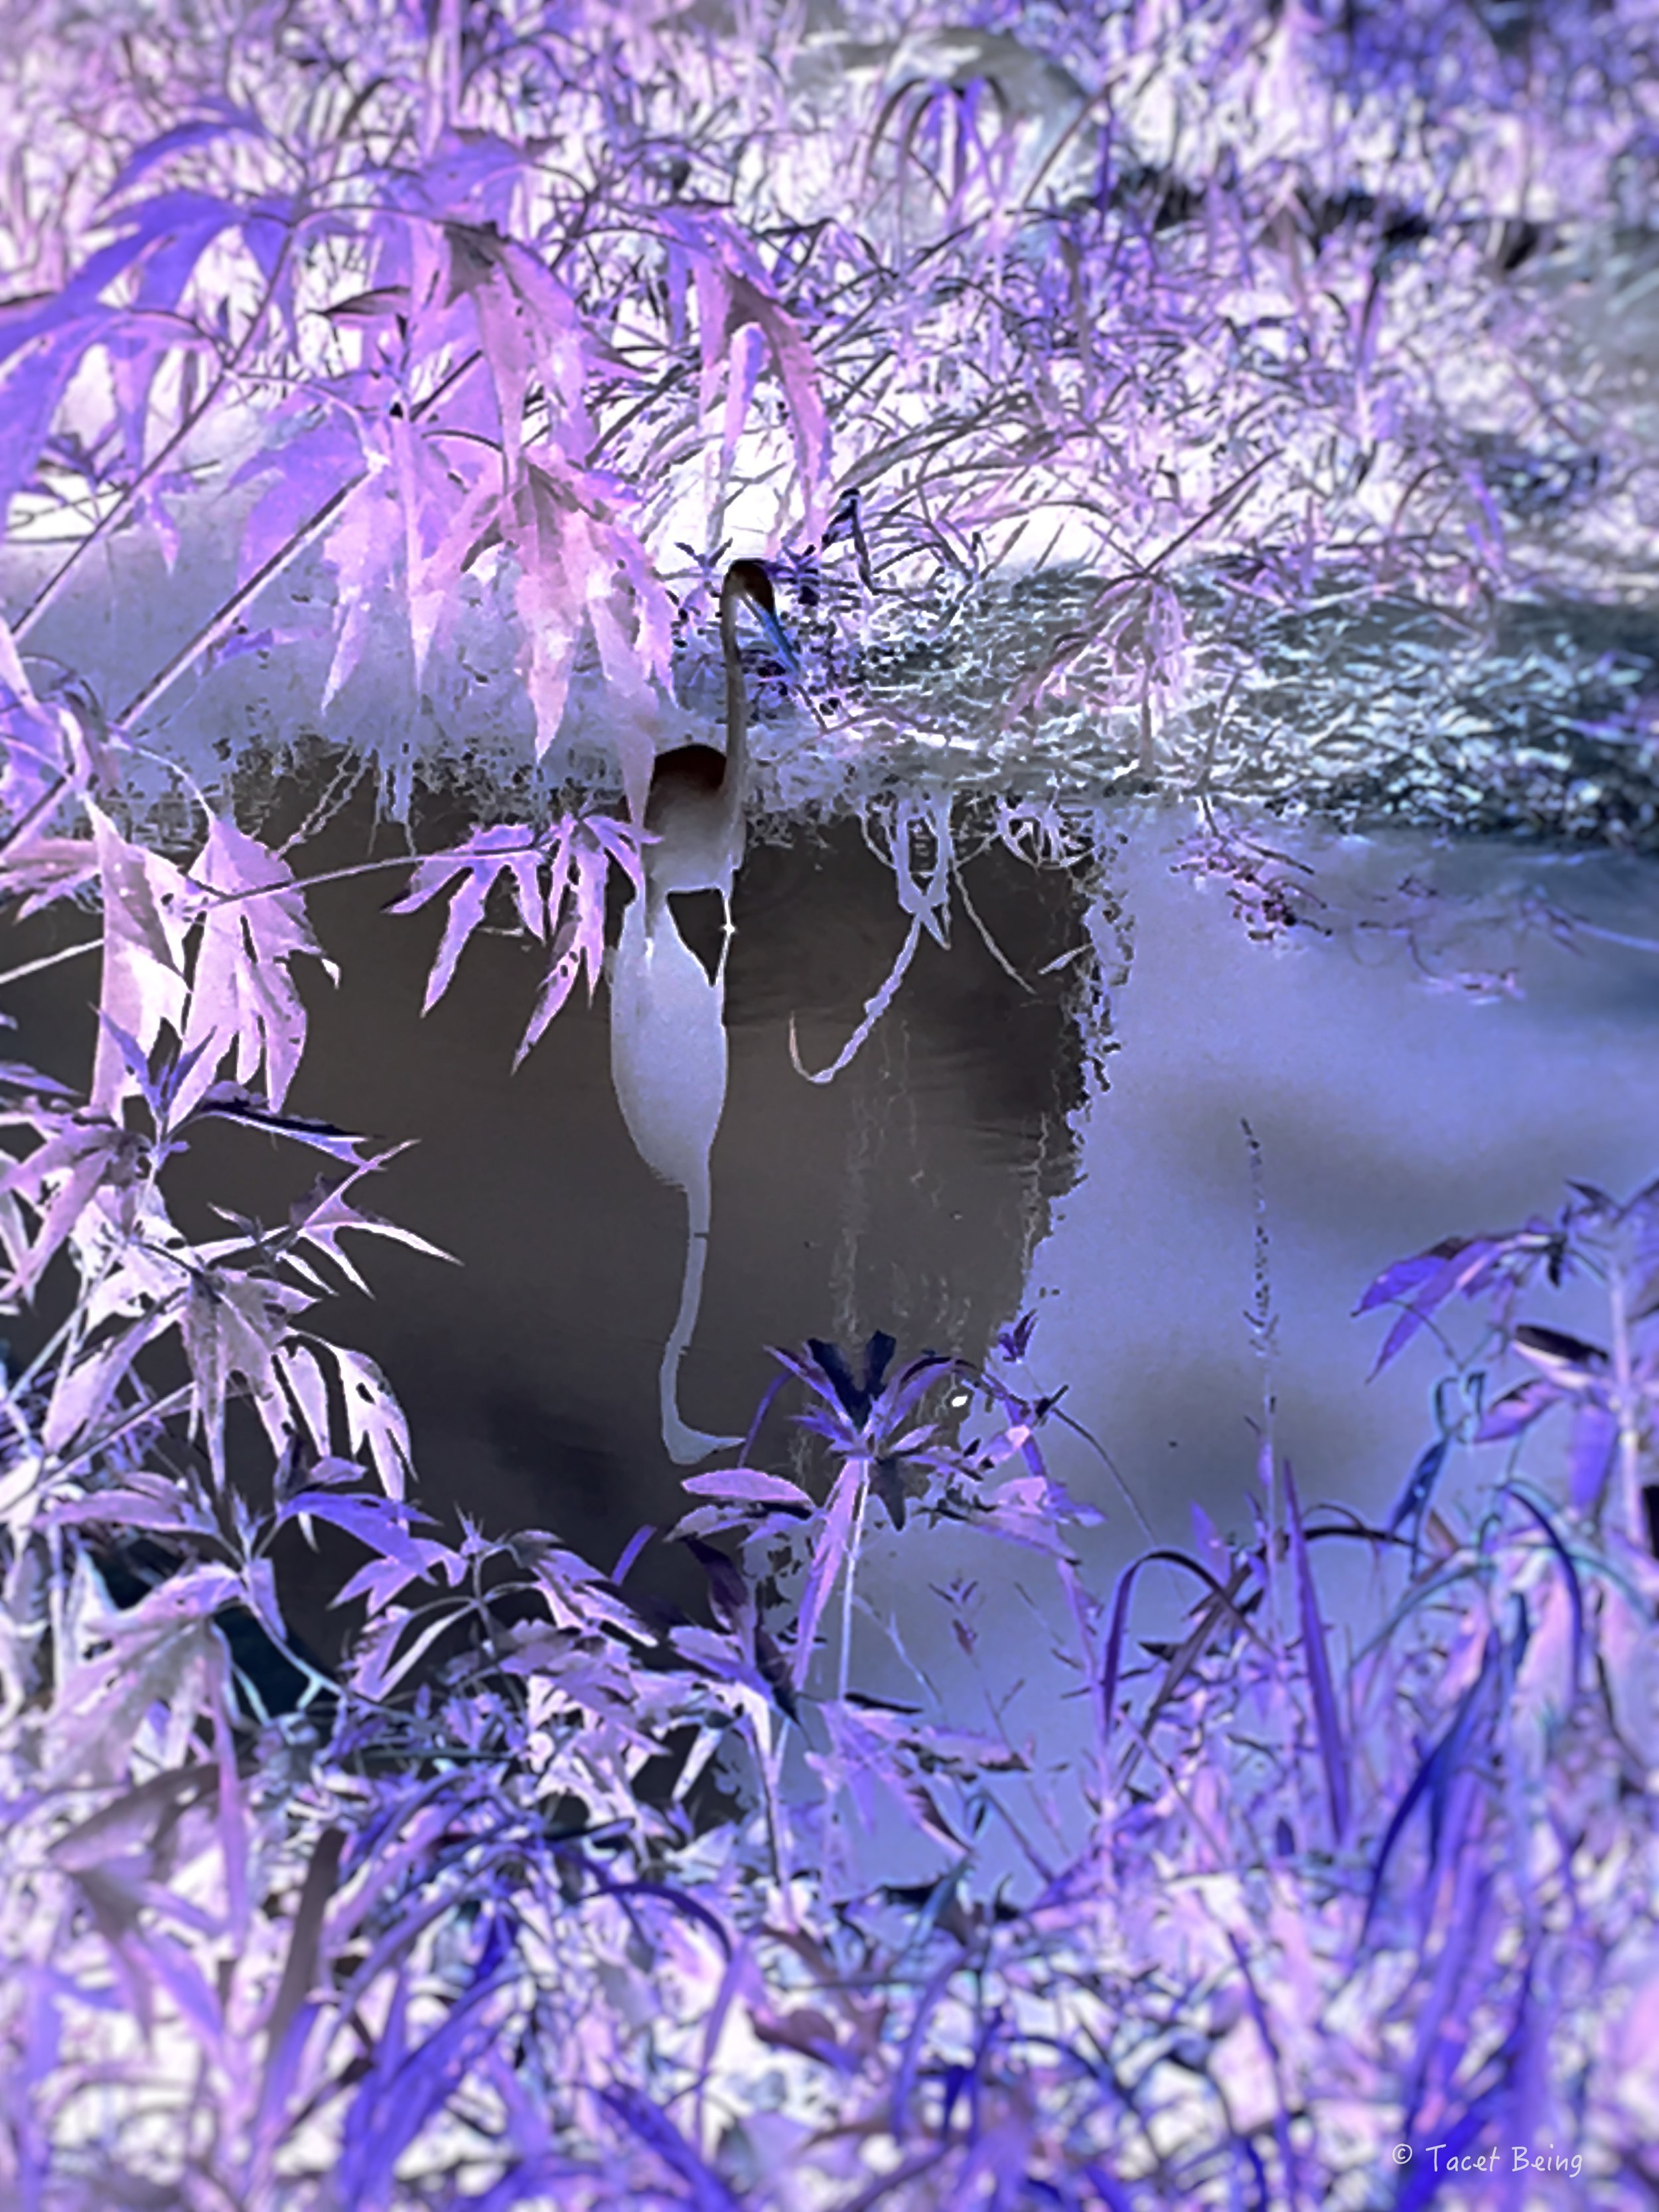 heron stands in water_tb.jpg